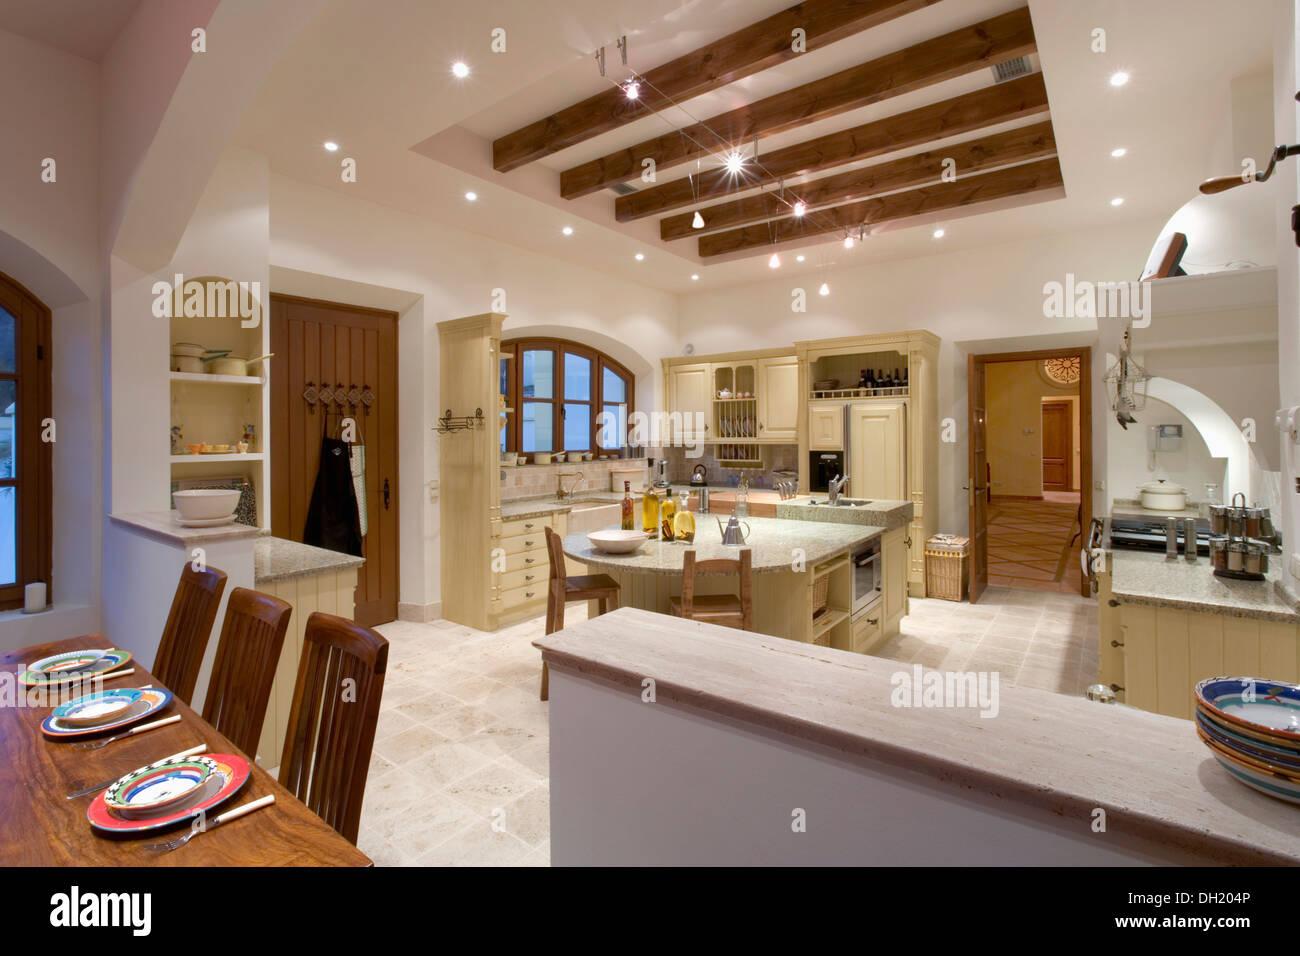 Amplia cocina comedor en villa espa ola moderna con iluminaci n de techo con vigas en el receso - Iluminacion para cocinas techos ...